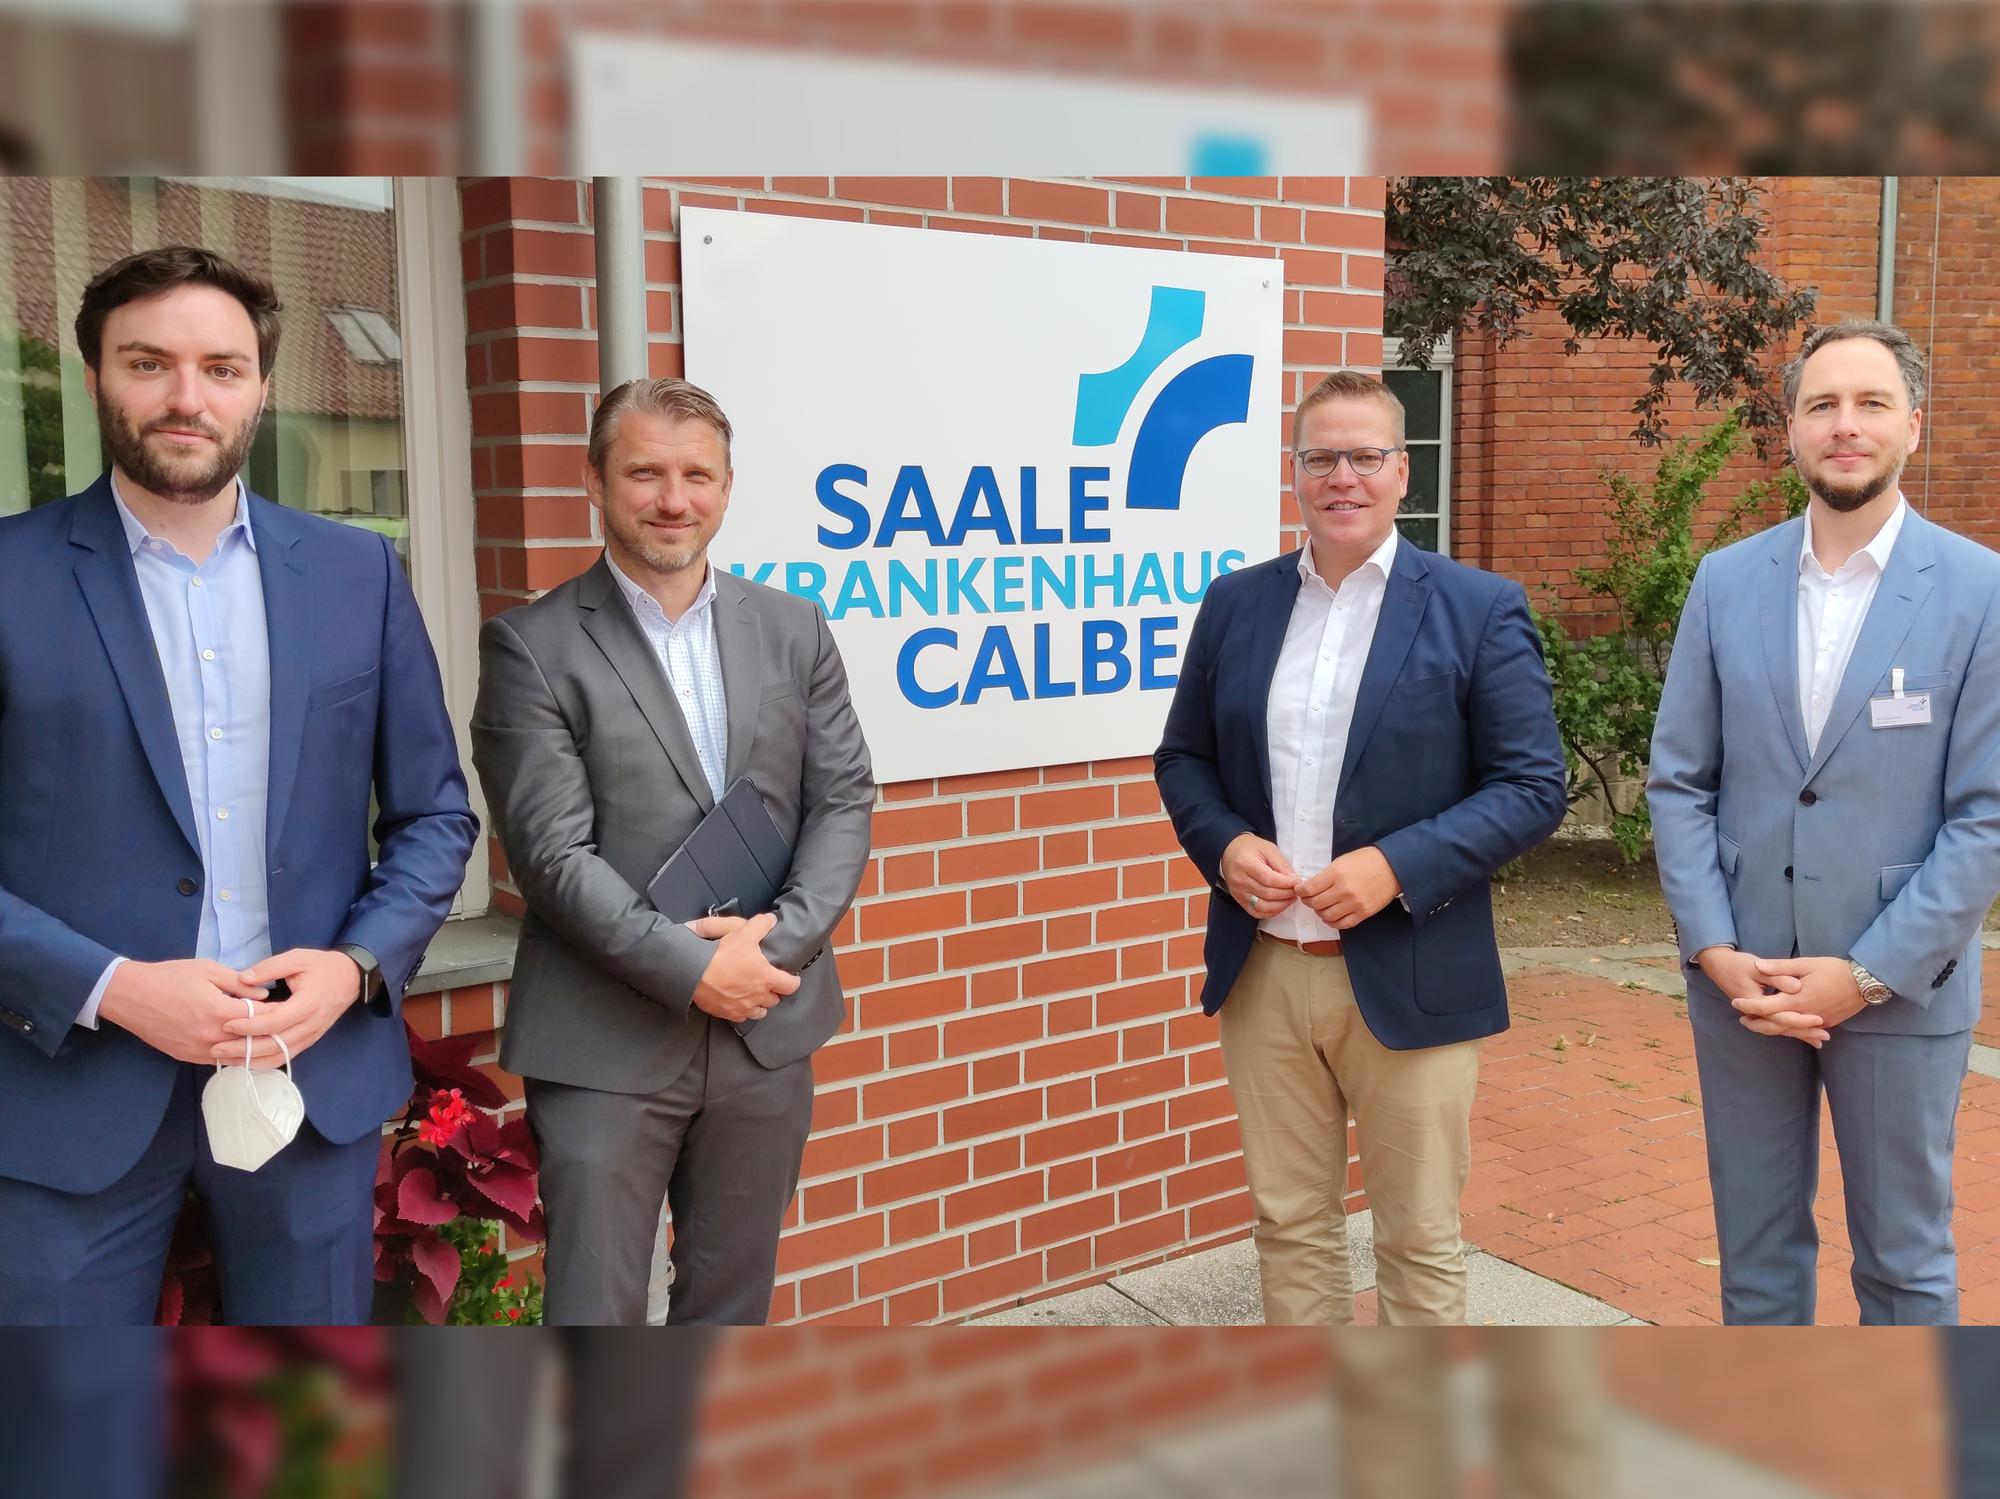 Bundestagsabgeordneter Tino Sorge und Calbenser Bürgermeister Sven Hause zu Besuch im Saale-Krankenhaus Calbe